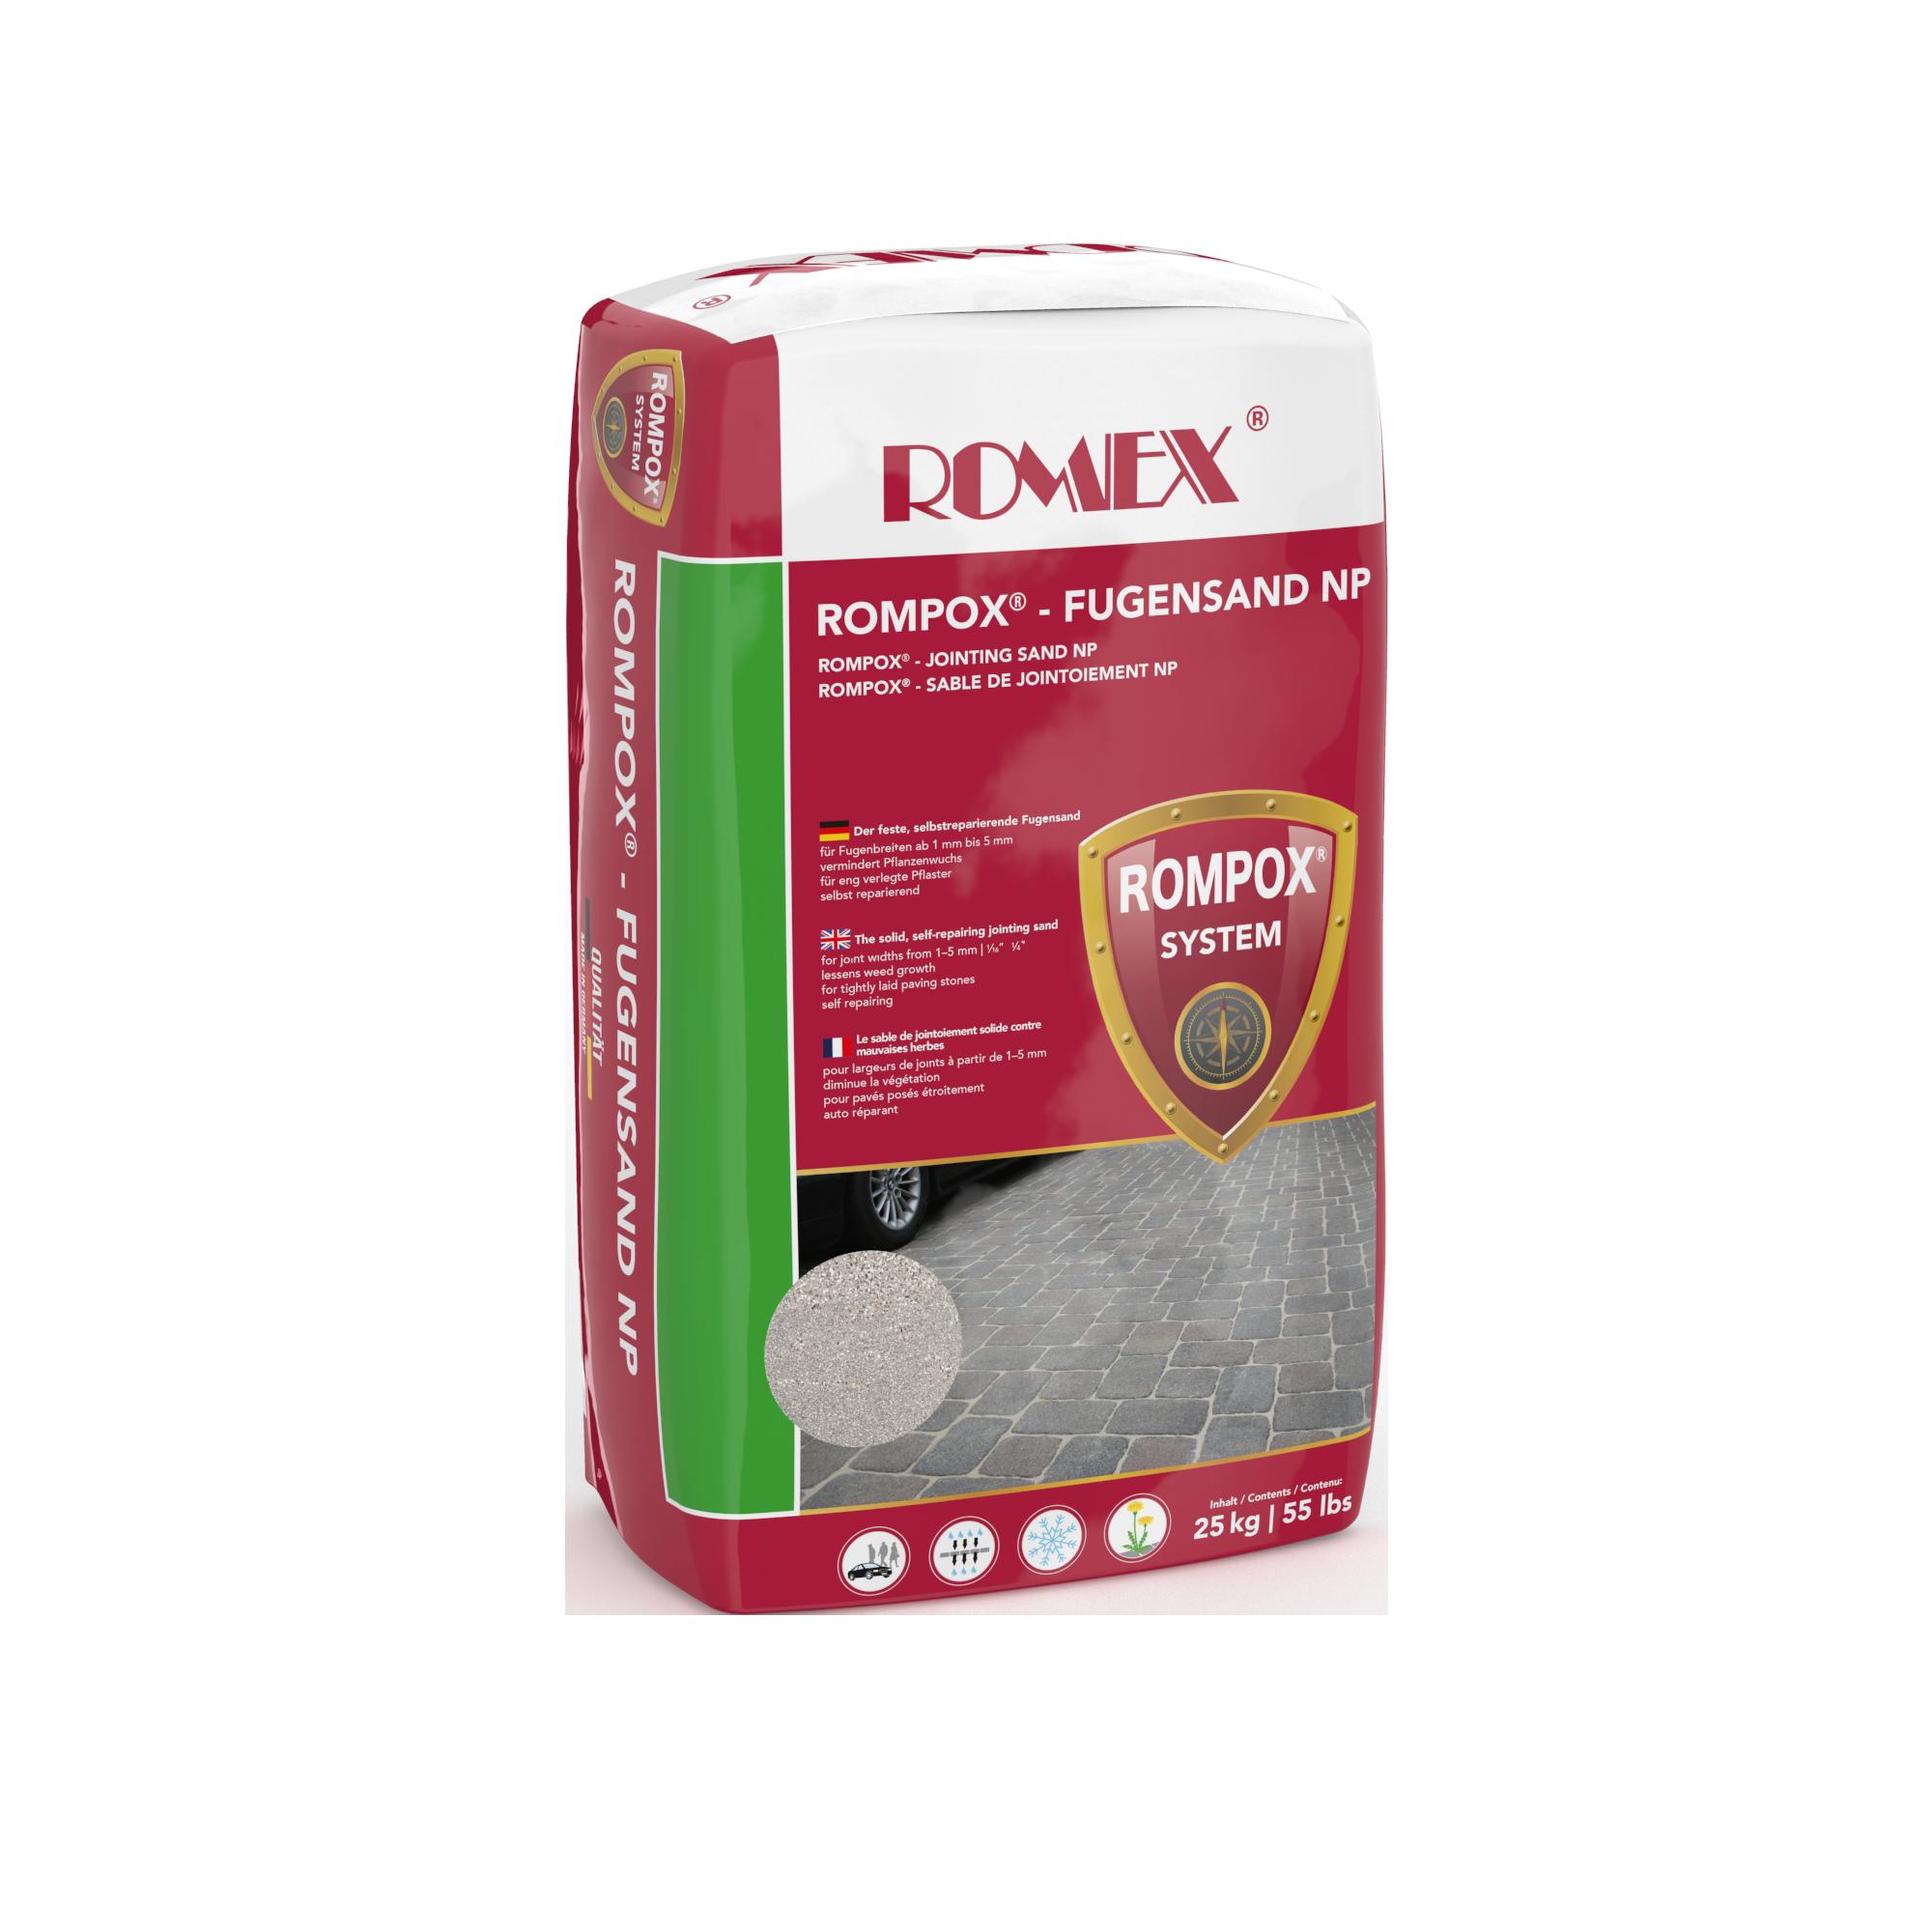 ROMPOX® Fugensand NP 25 Kg